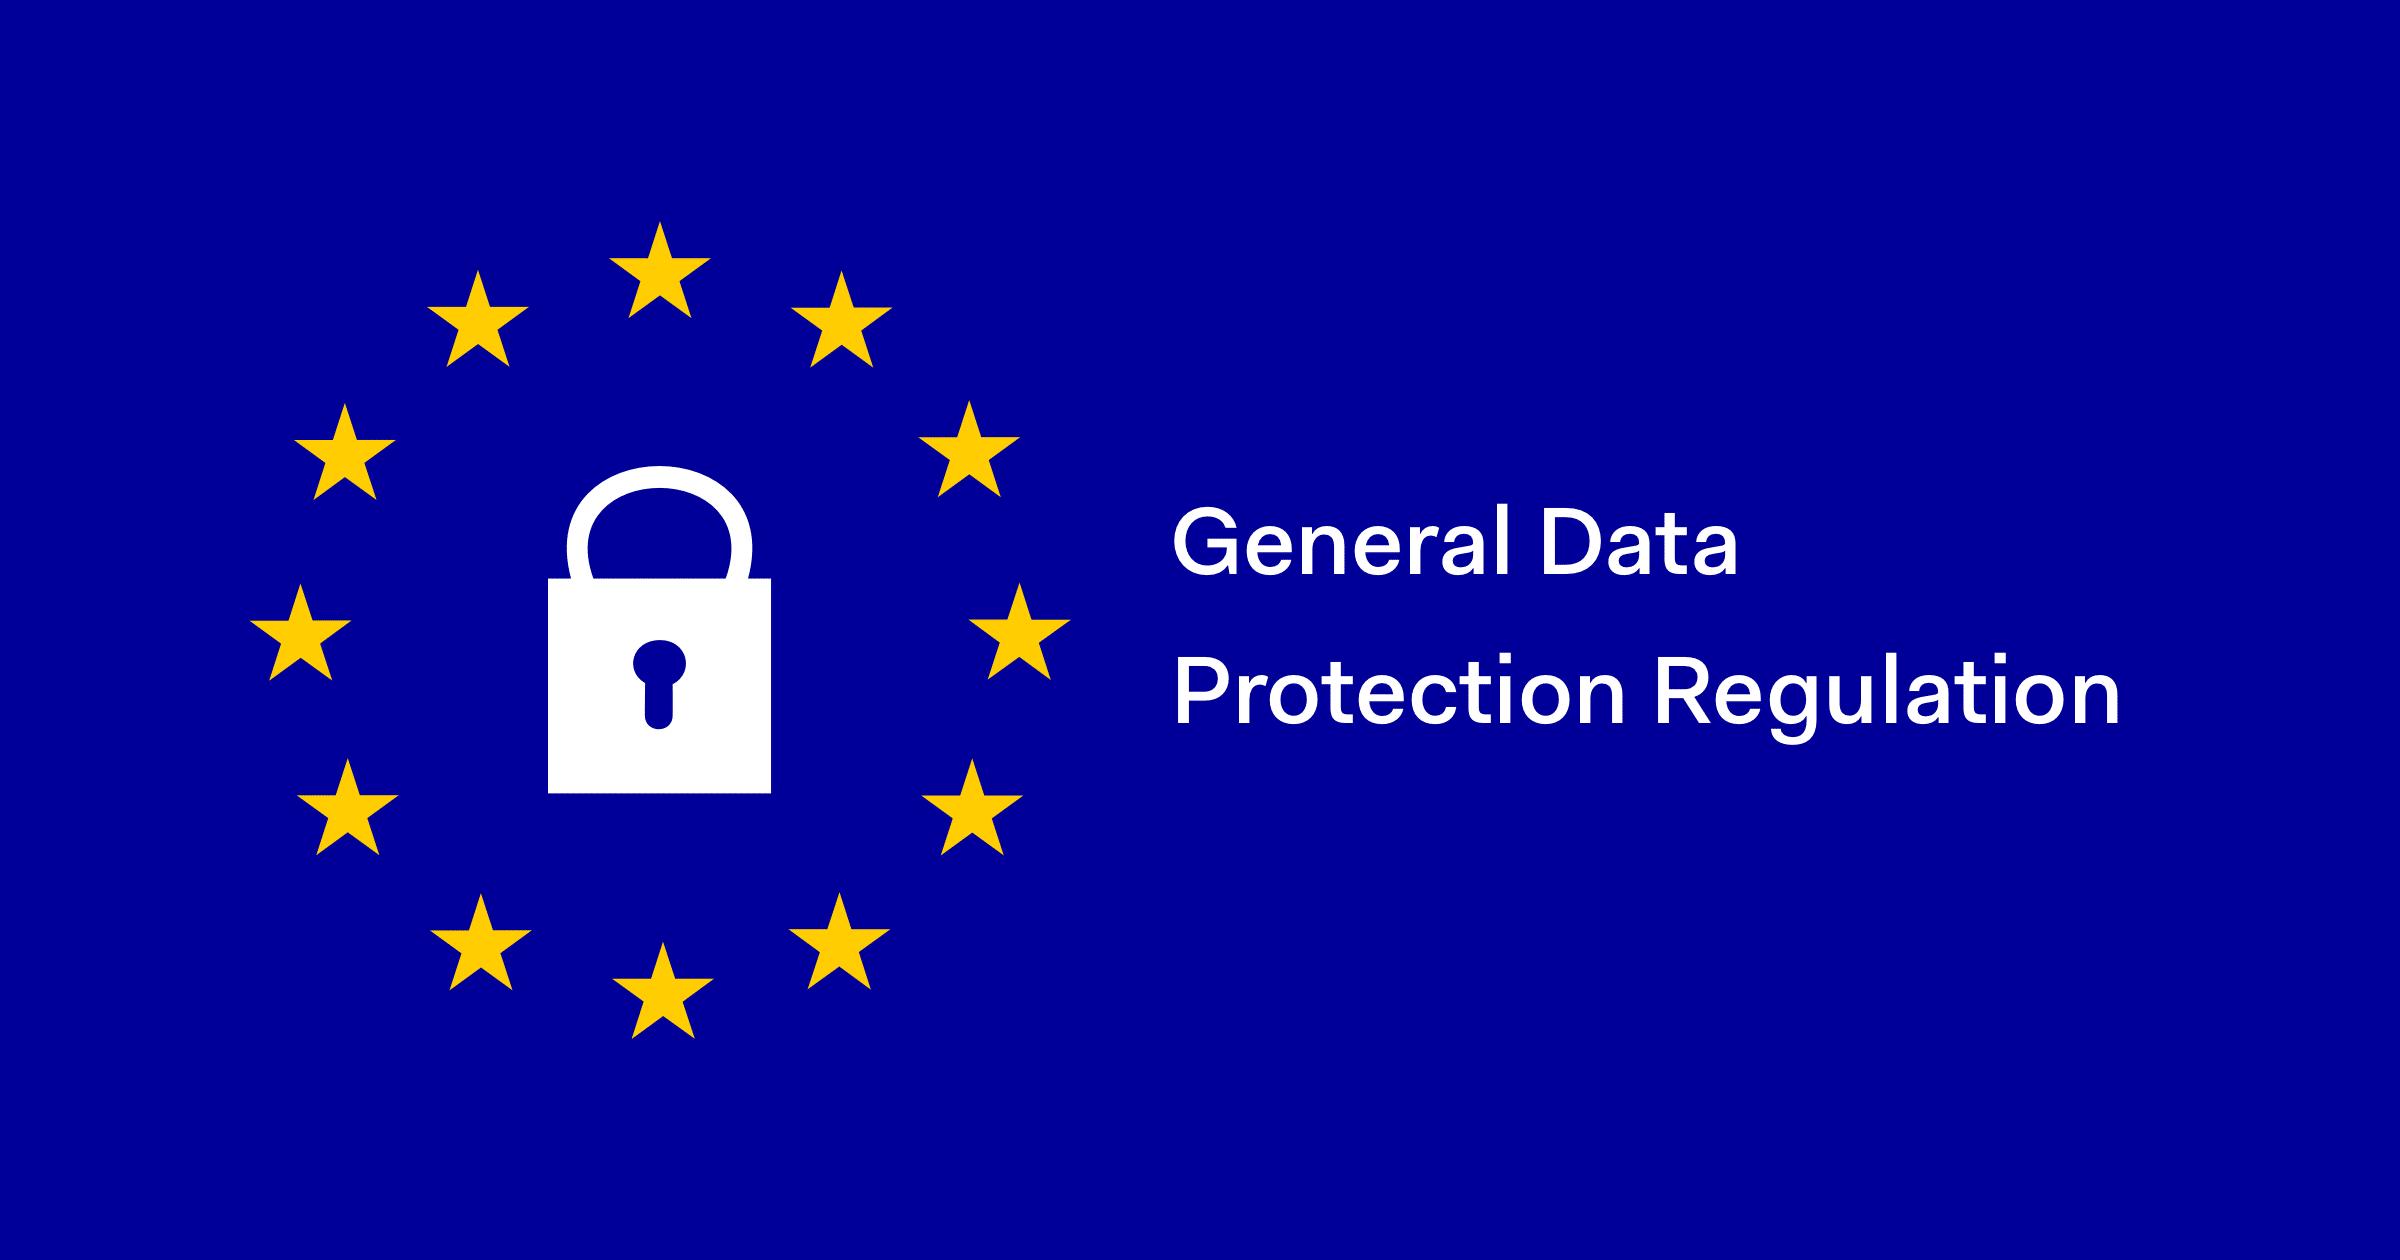 GDPR, protection des données, sécurité données, données personnelles, réforme protection données